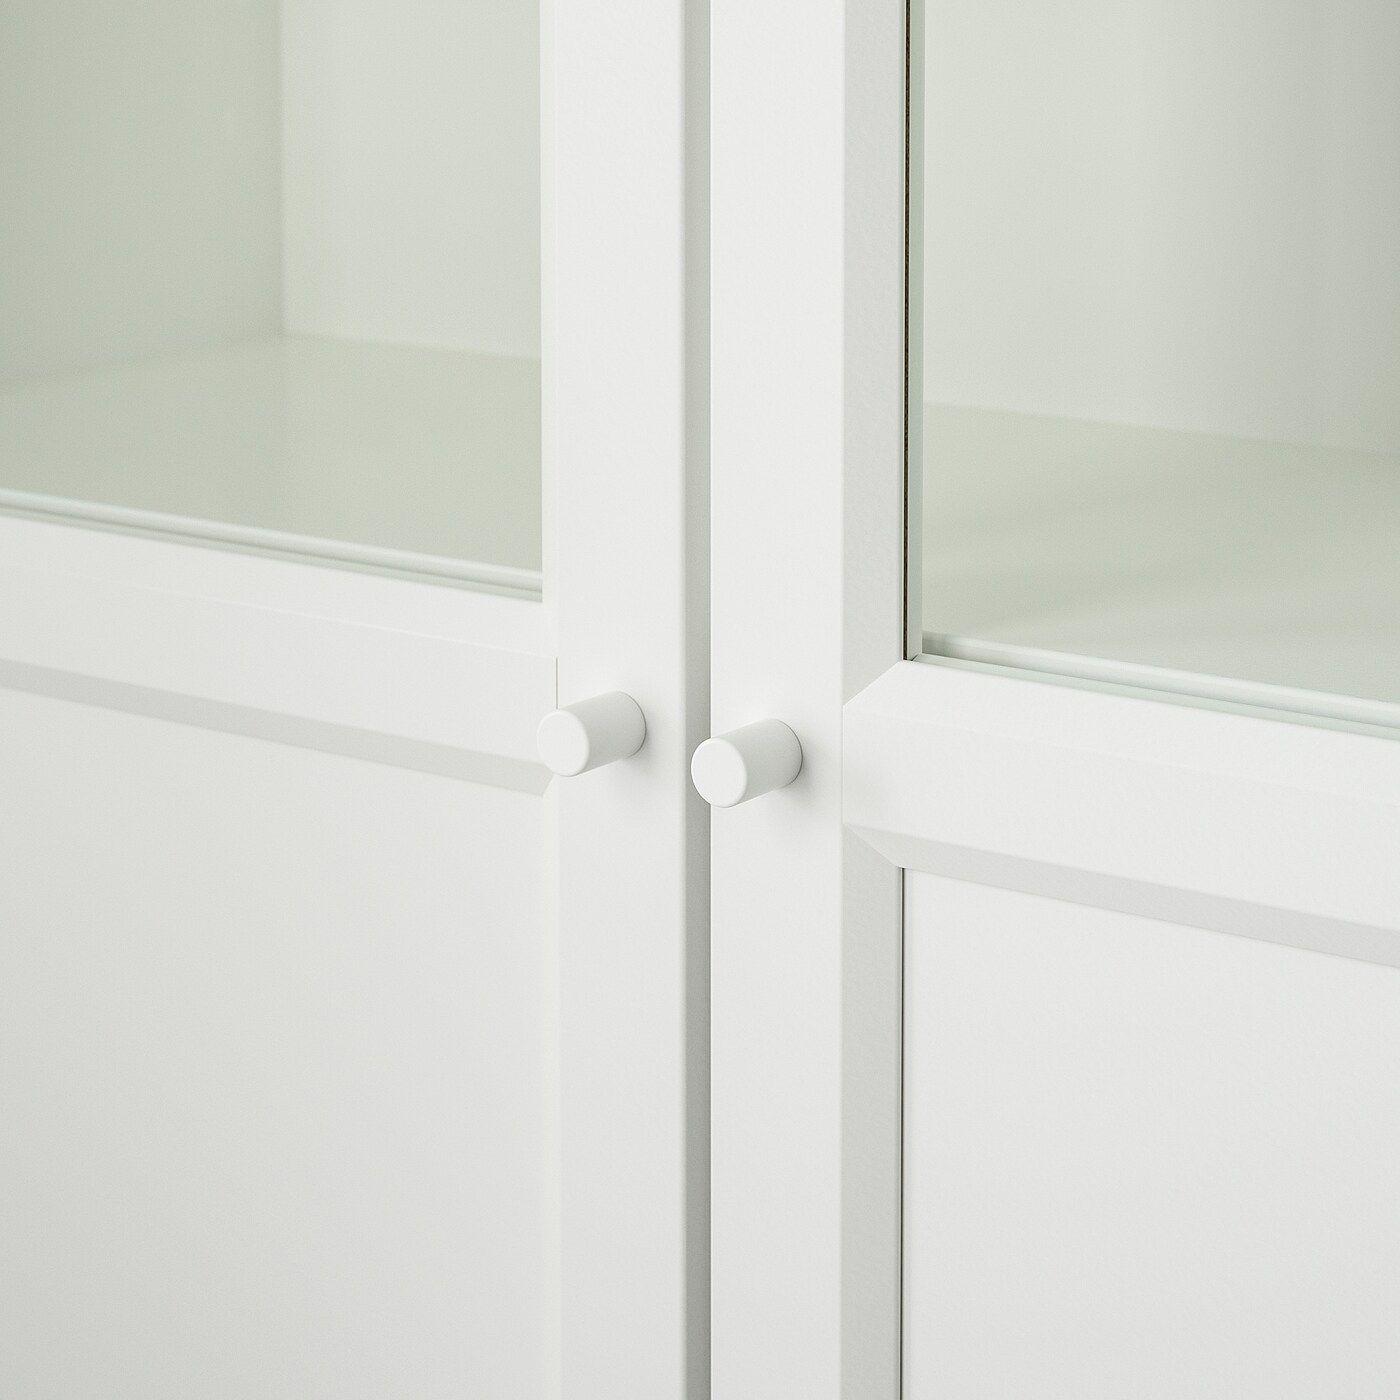 IKEA BILLY Bücherregal+Aufs/Paneel-/Vitrtüren – weiß